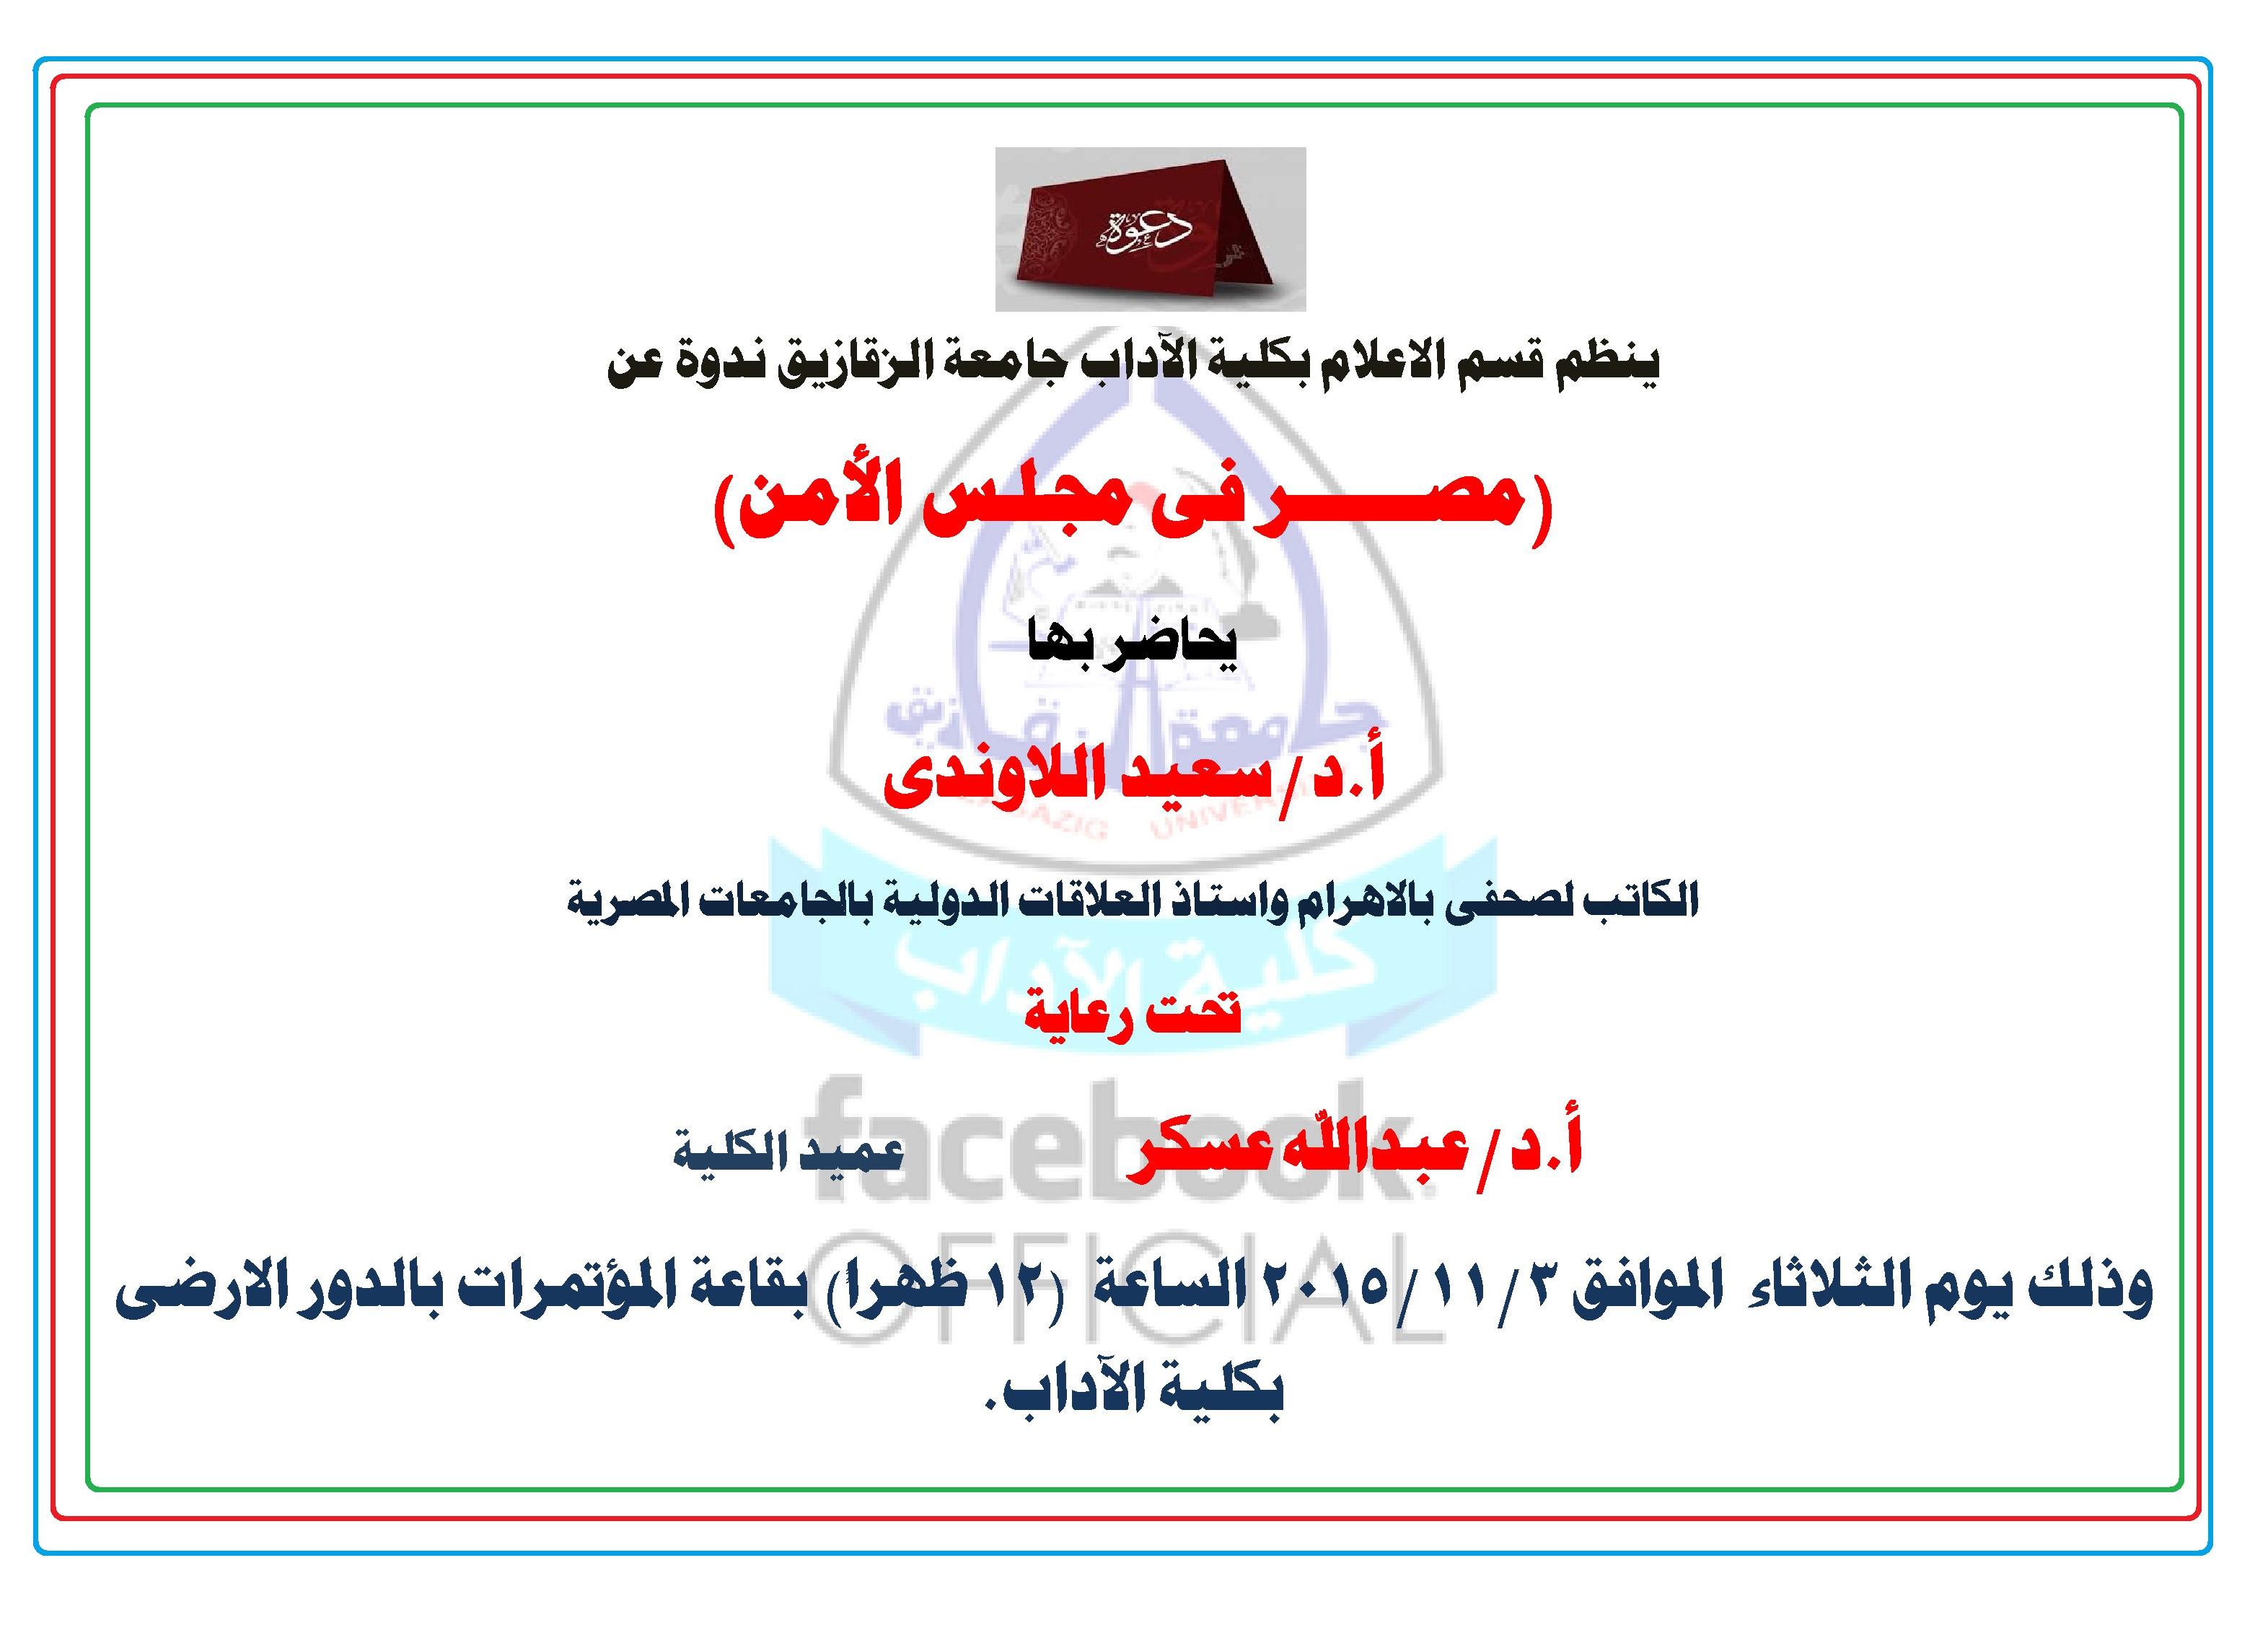 دعوة عامة لحضور ندوة عن (مصر فى مجلس الامن ) بكلية الاداب جامعة الزقازيق